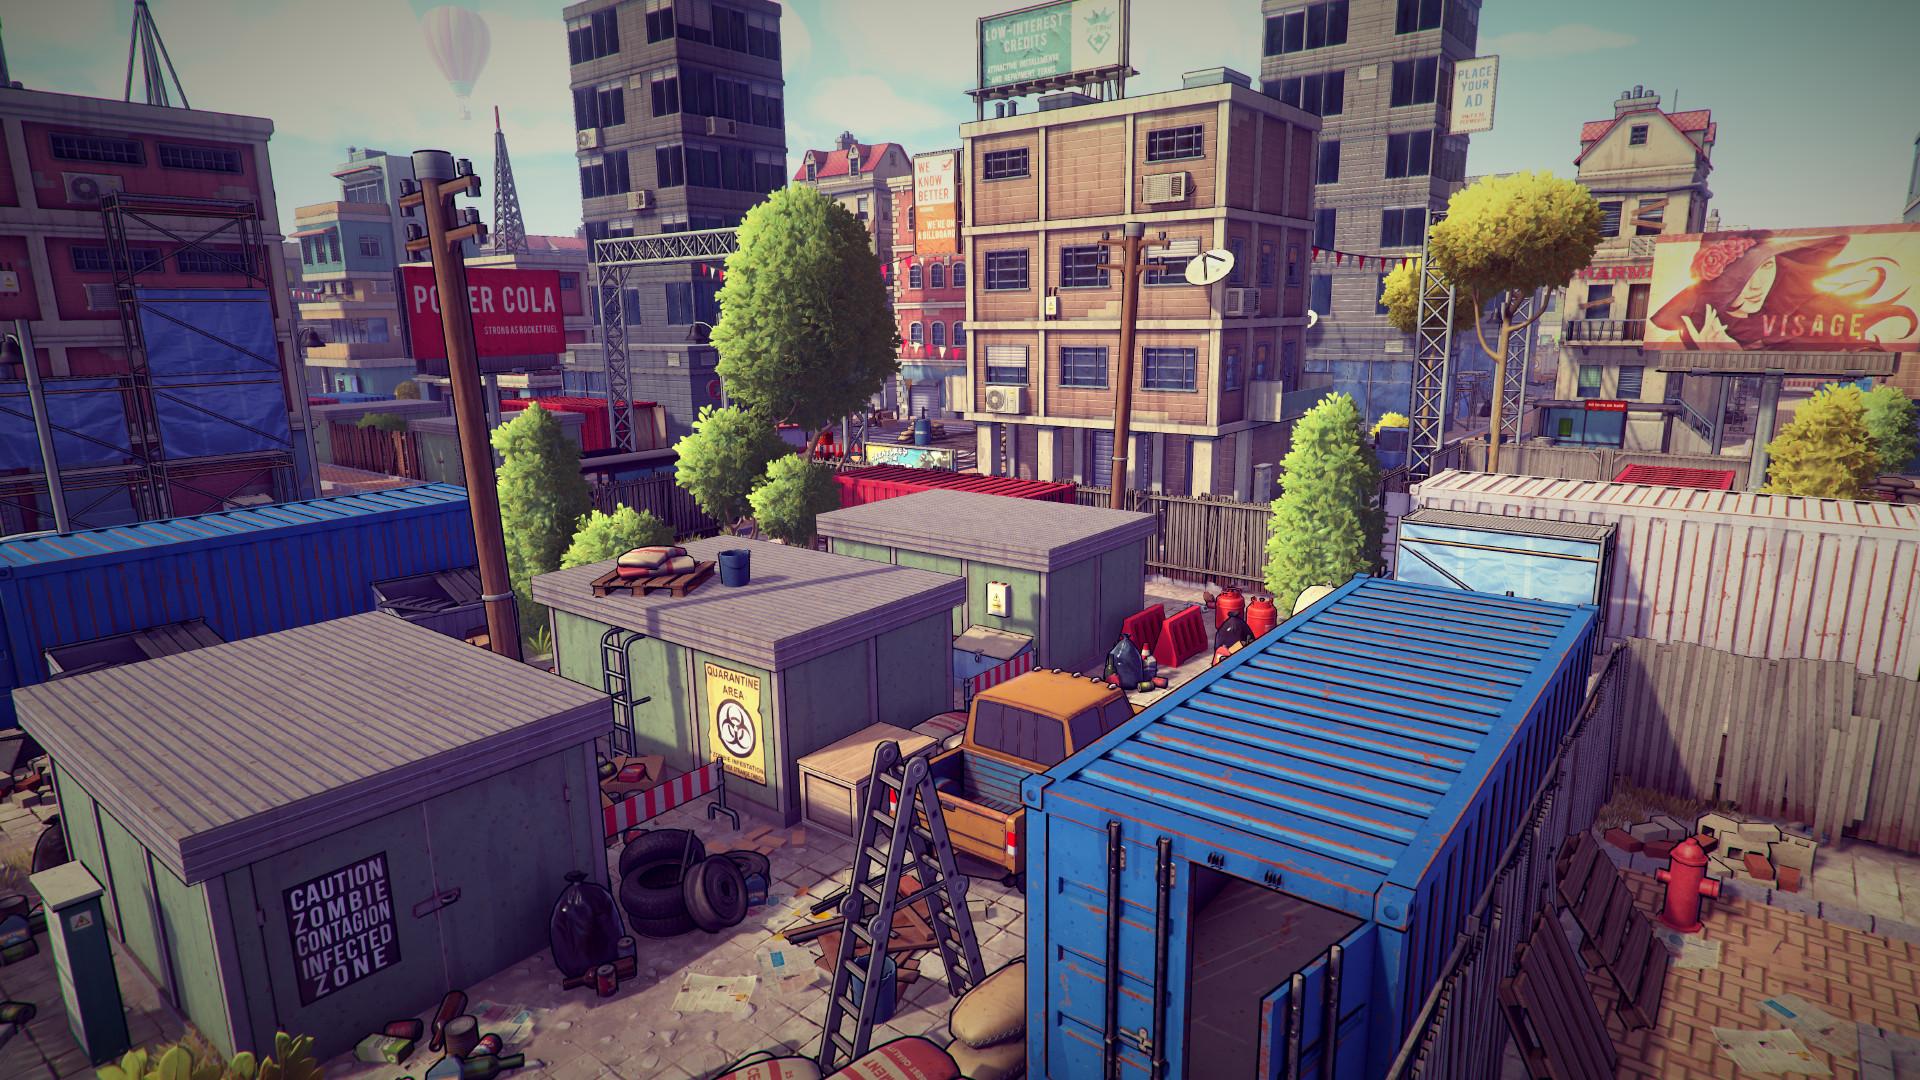 Rafal urbanski shot 06